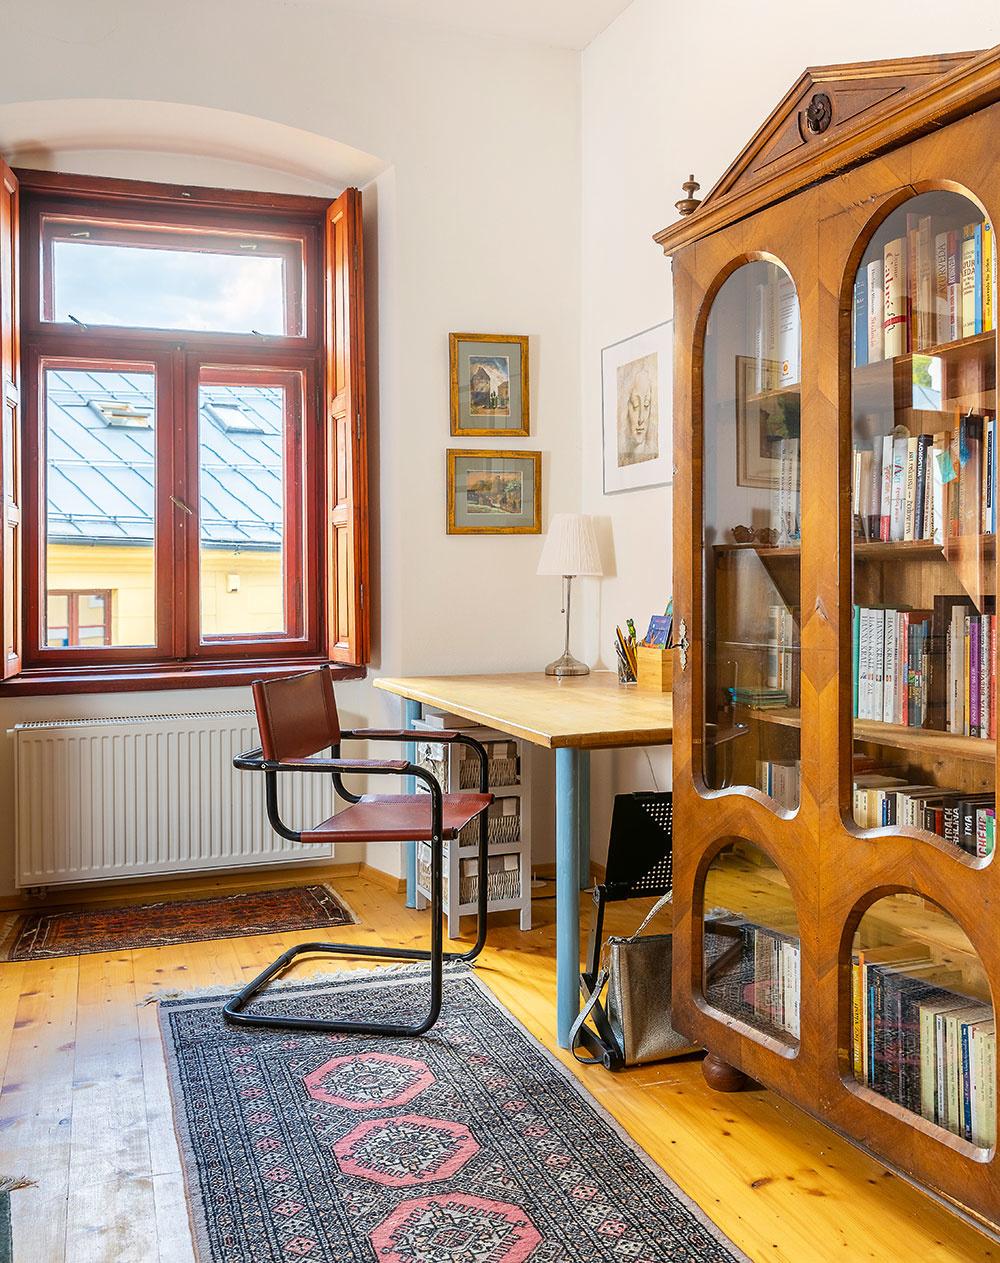 Skriňu do pracovne kúpili vstarožitníctve na Slovensku ana radu starožitníka nechali vybrať výplne zdverí anahradili ich sklom. Zo skrine tak vznikla štýlová knižnica.